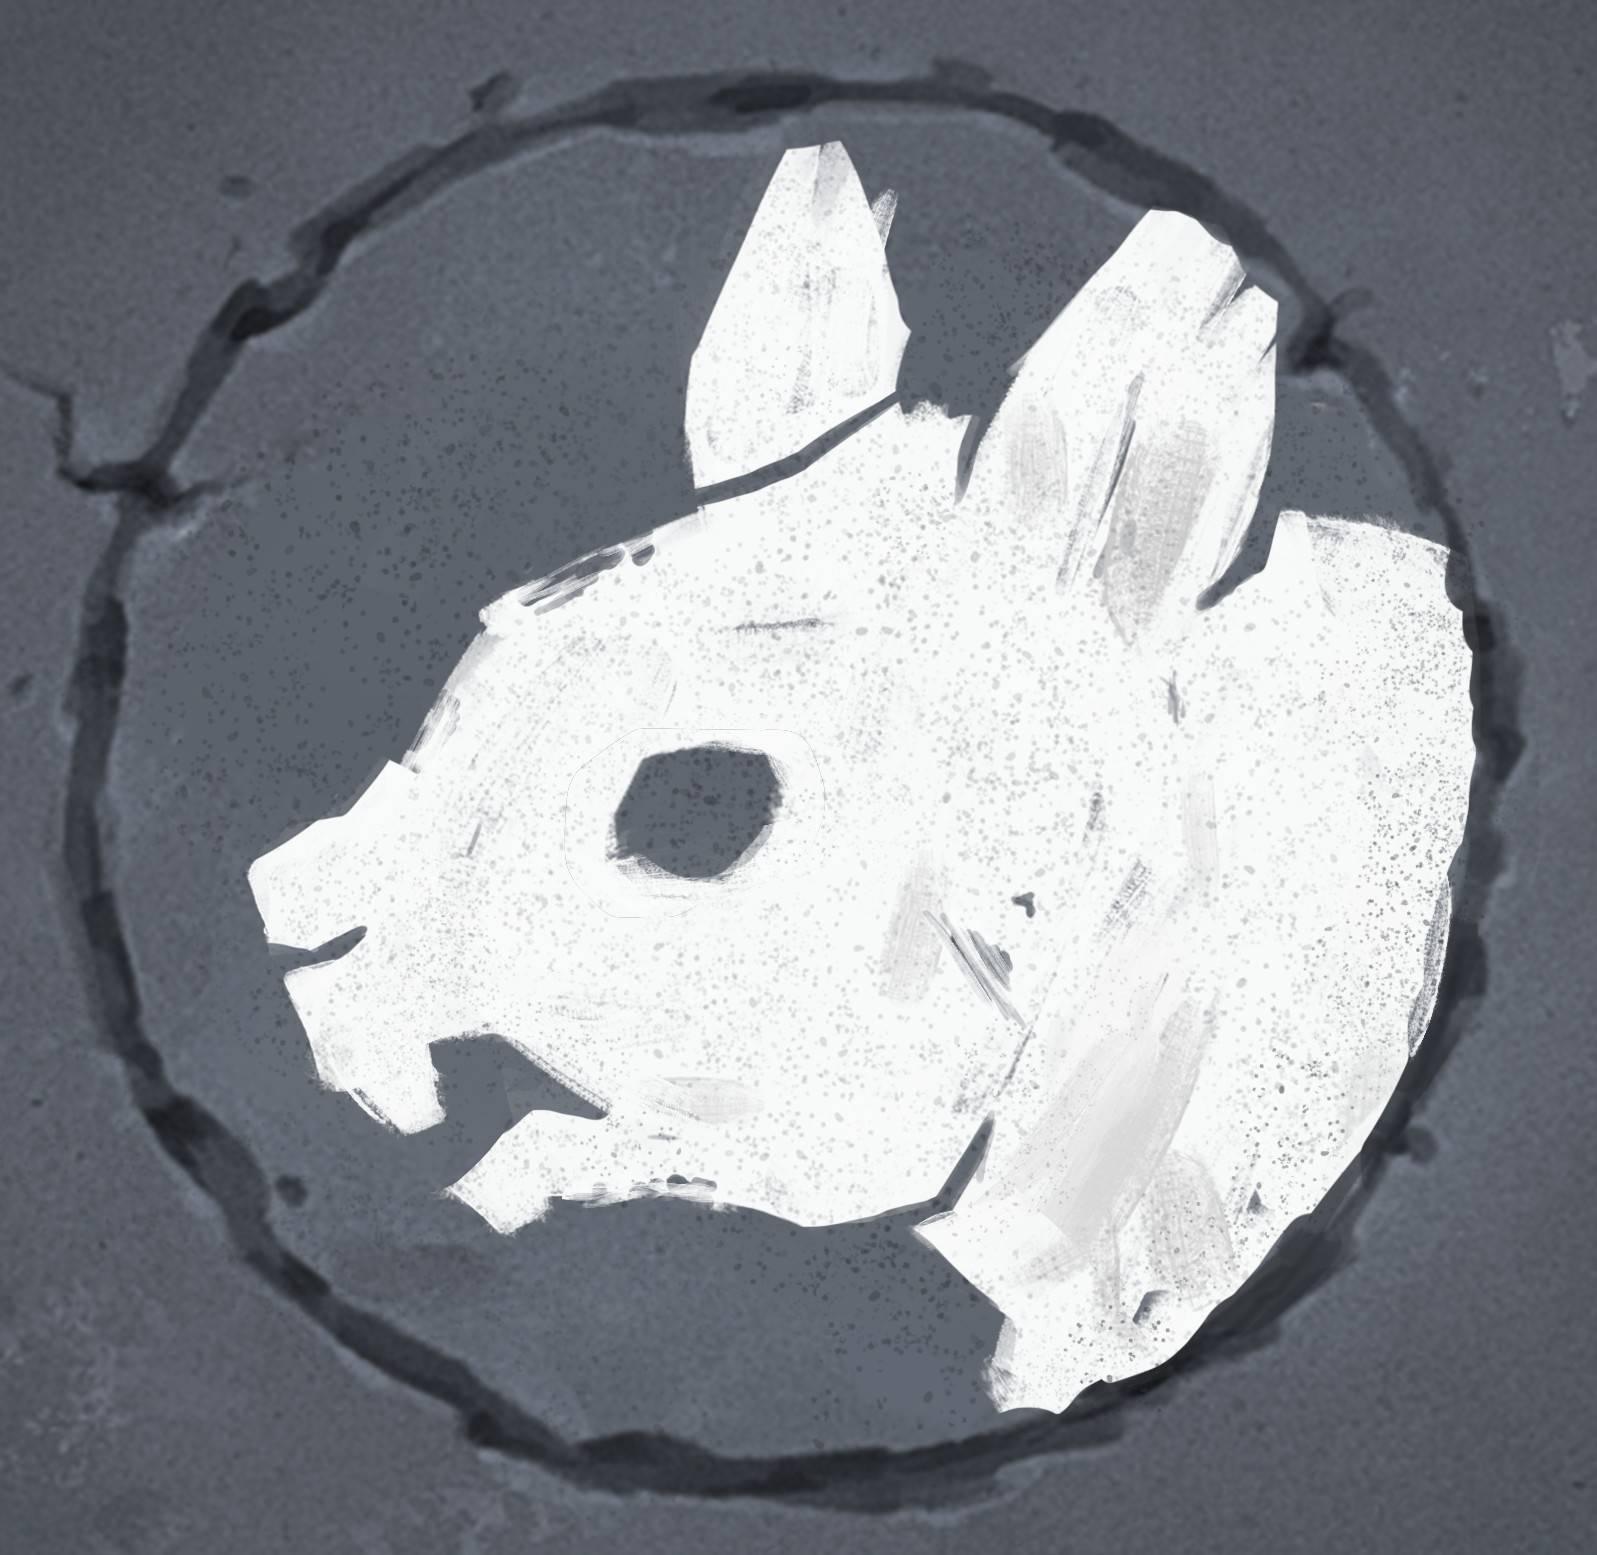 """Shiro Games son los desarrolladores de Northgard, una de las mejores propuestas de juegos de estrategia lanzados en las últimas épocas. El juego con temática vikinga ha logrado posicionarse en millones de copias alrededor del mundo y hoy tiene la oportunidad de recibir un nuevo integrante a su familia, como lo son, el """"Squirrel Clan"""". Te platicamos un poco más sobre este nuevo agregado."""